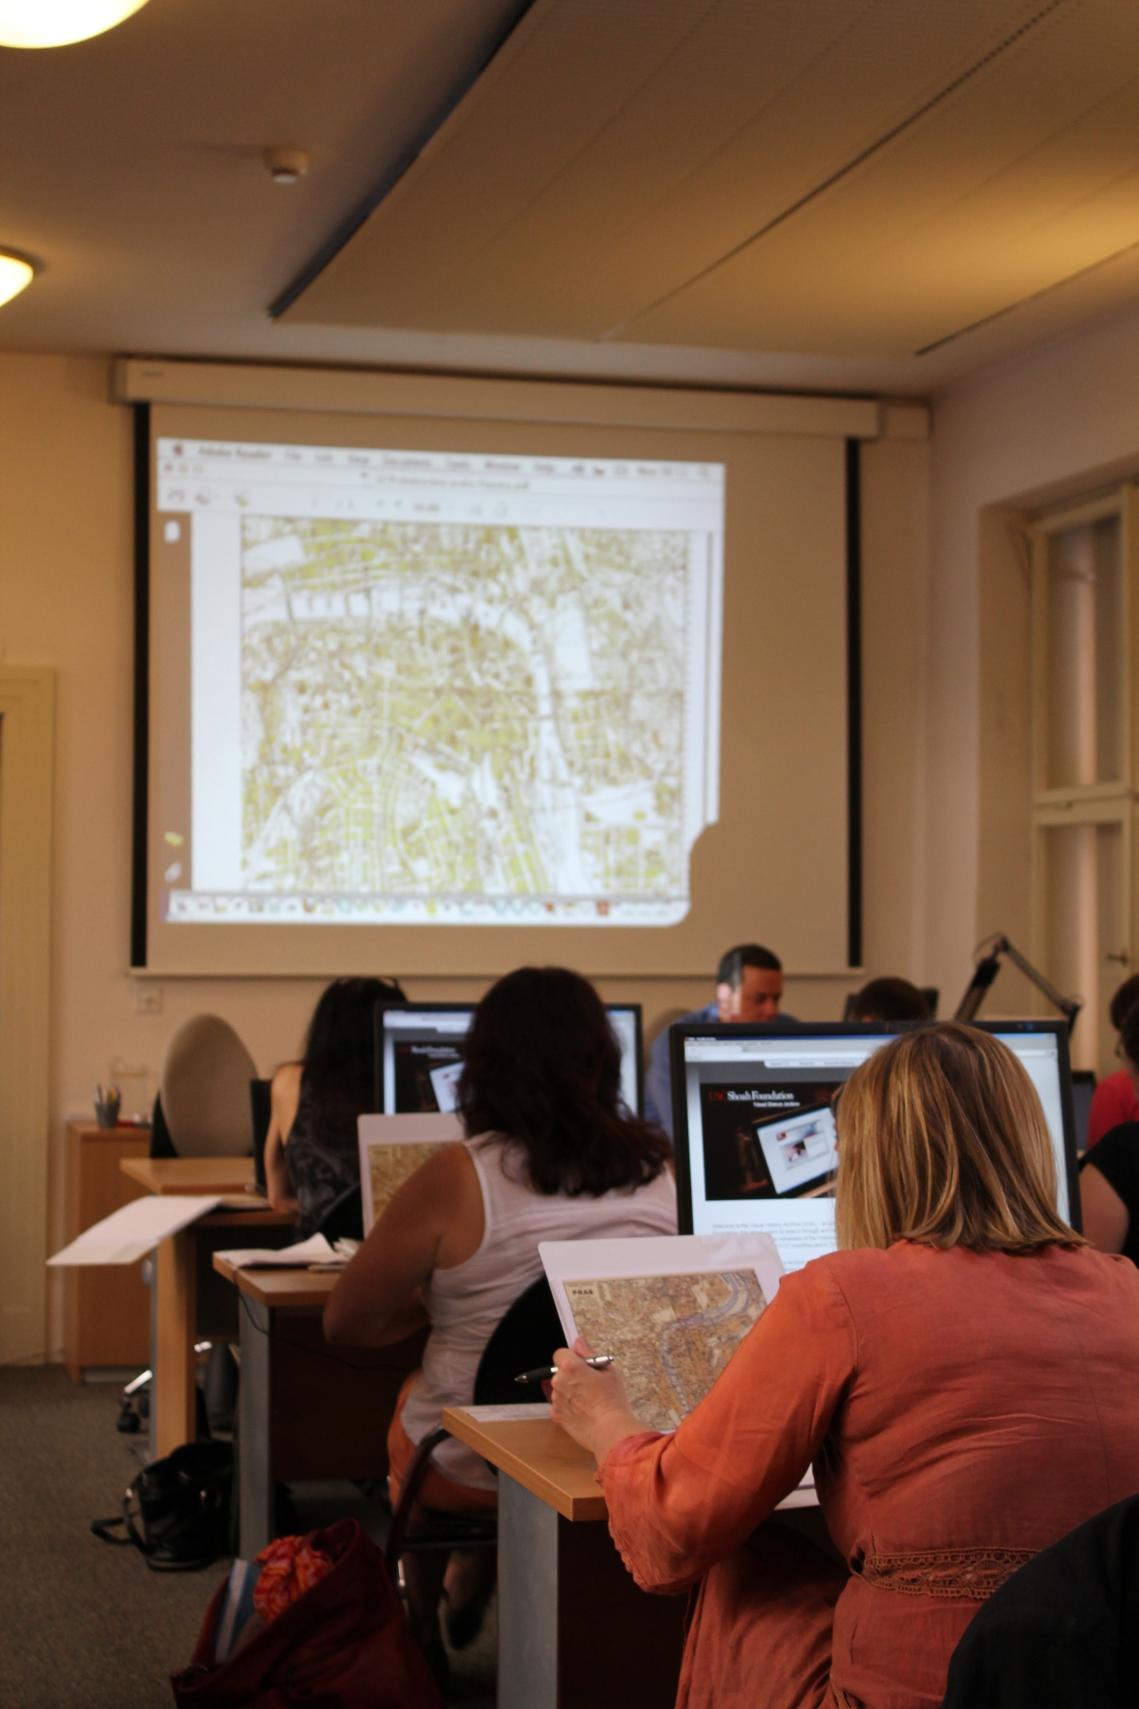 Součástí programu semináře byla i procházka za pamětí významných míst protektorátní Prahy